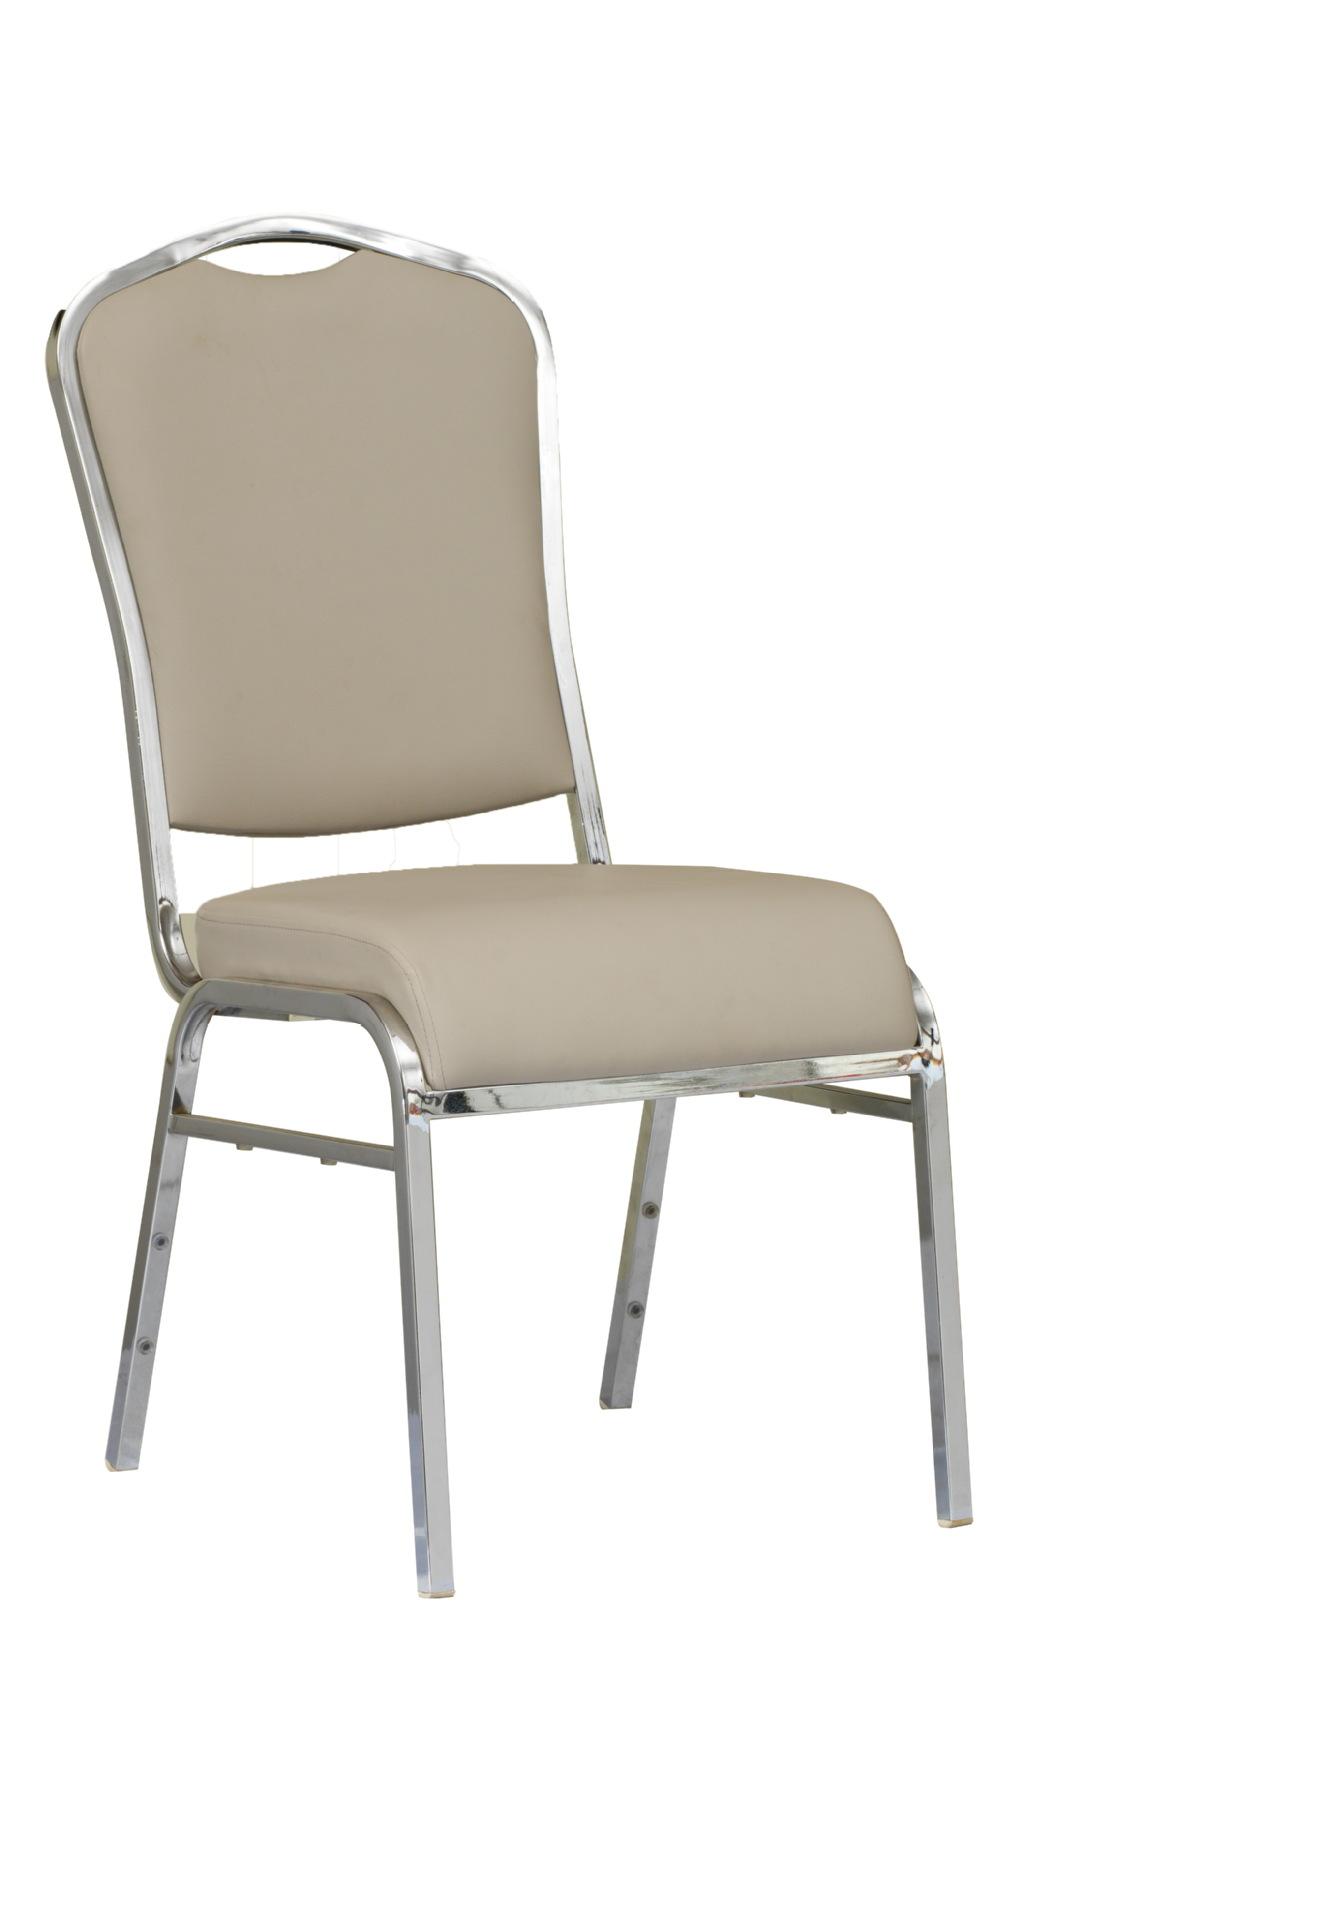 店宴餐椅酒店家具铁椅子佛山酒店家具厂】便宜的哪里成都常规图片